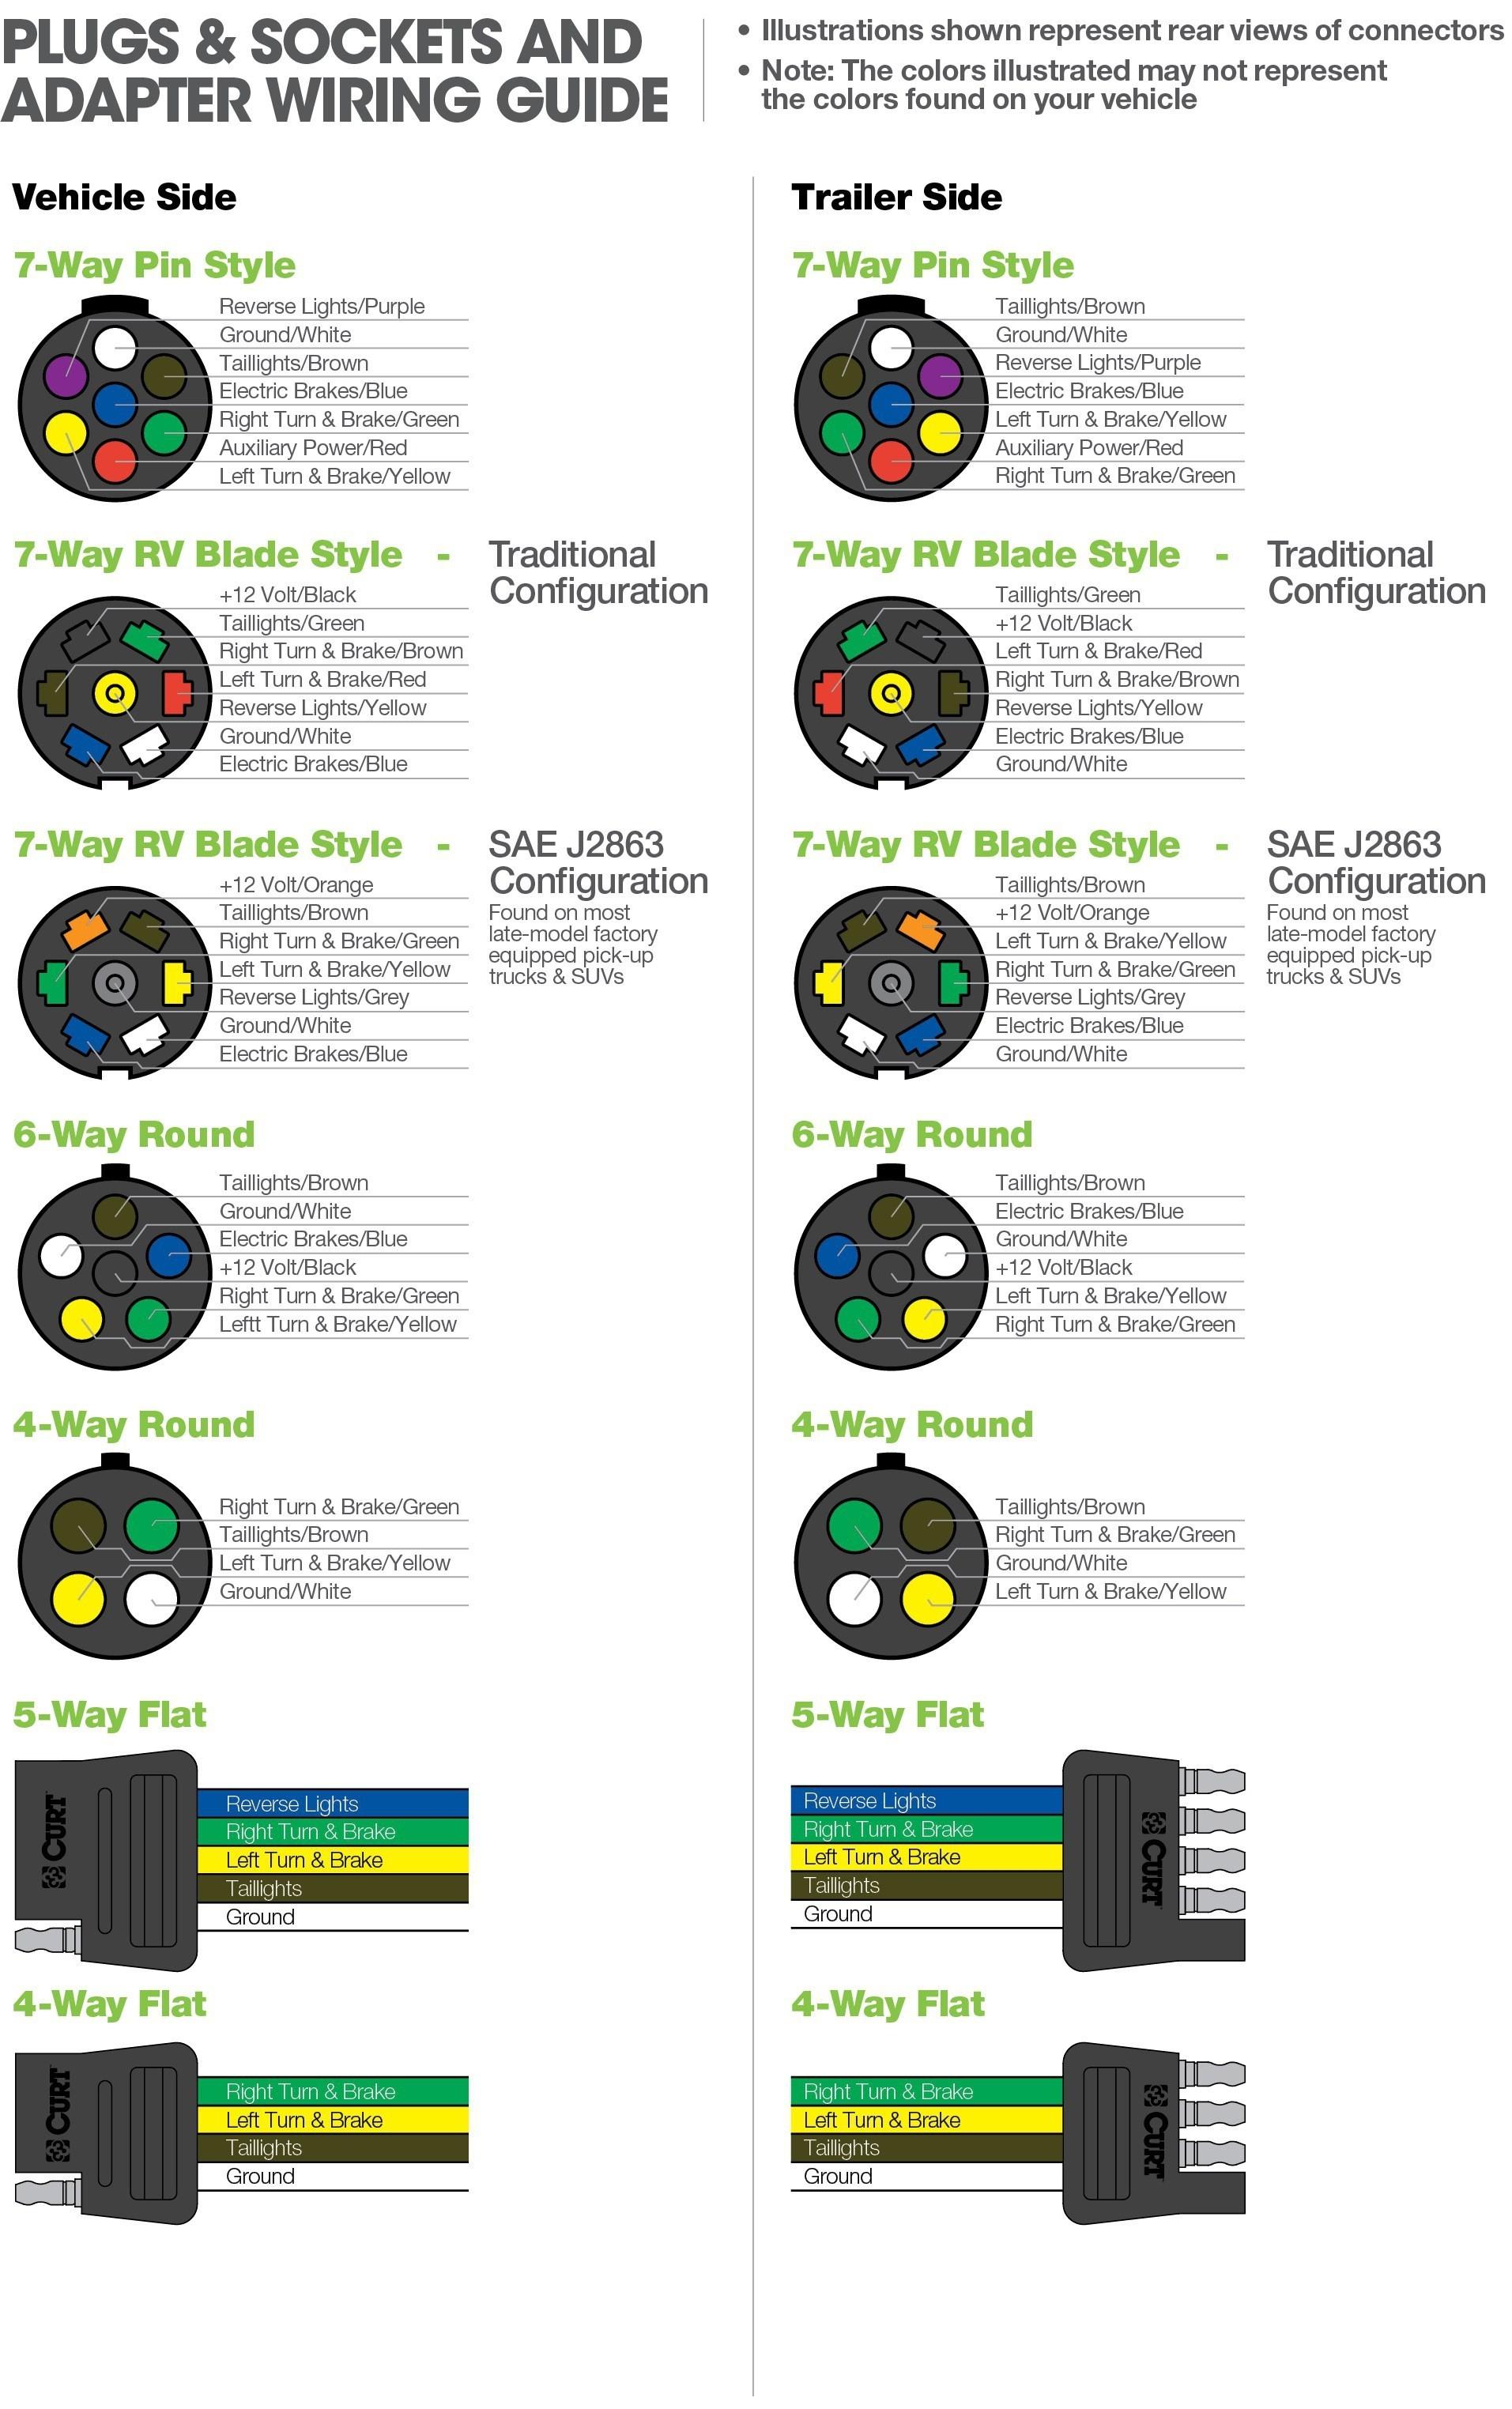 7 Round Trailer Wiring Diagram Dodge | Wiring Diagram - 7 Way Trailer Plug Wiring Diagram Dodge